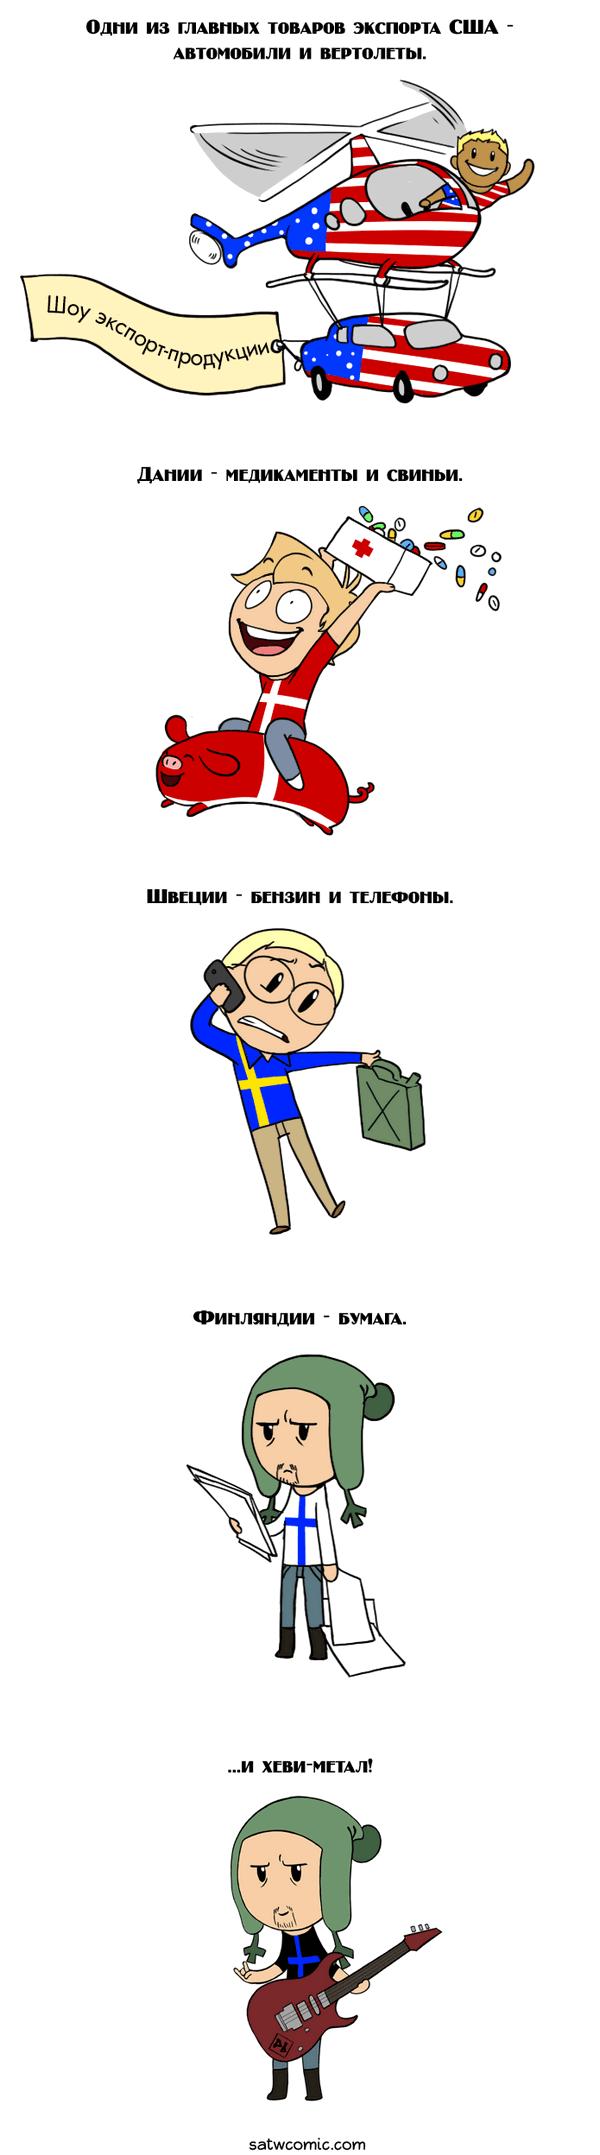 Экспорт Скандинавия и мир, Финляндия, Независимость, День независимости, Комиксы, SATW, Satwcomic, Длиннопост